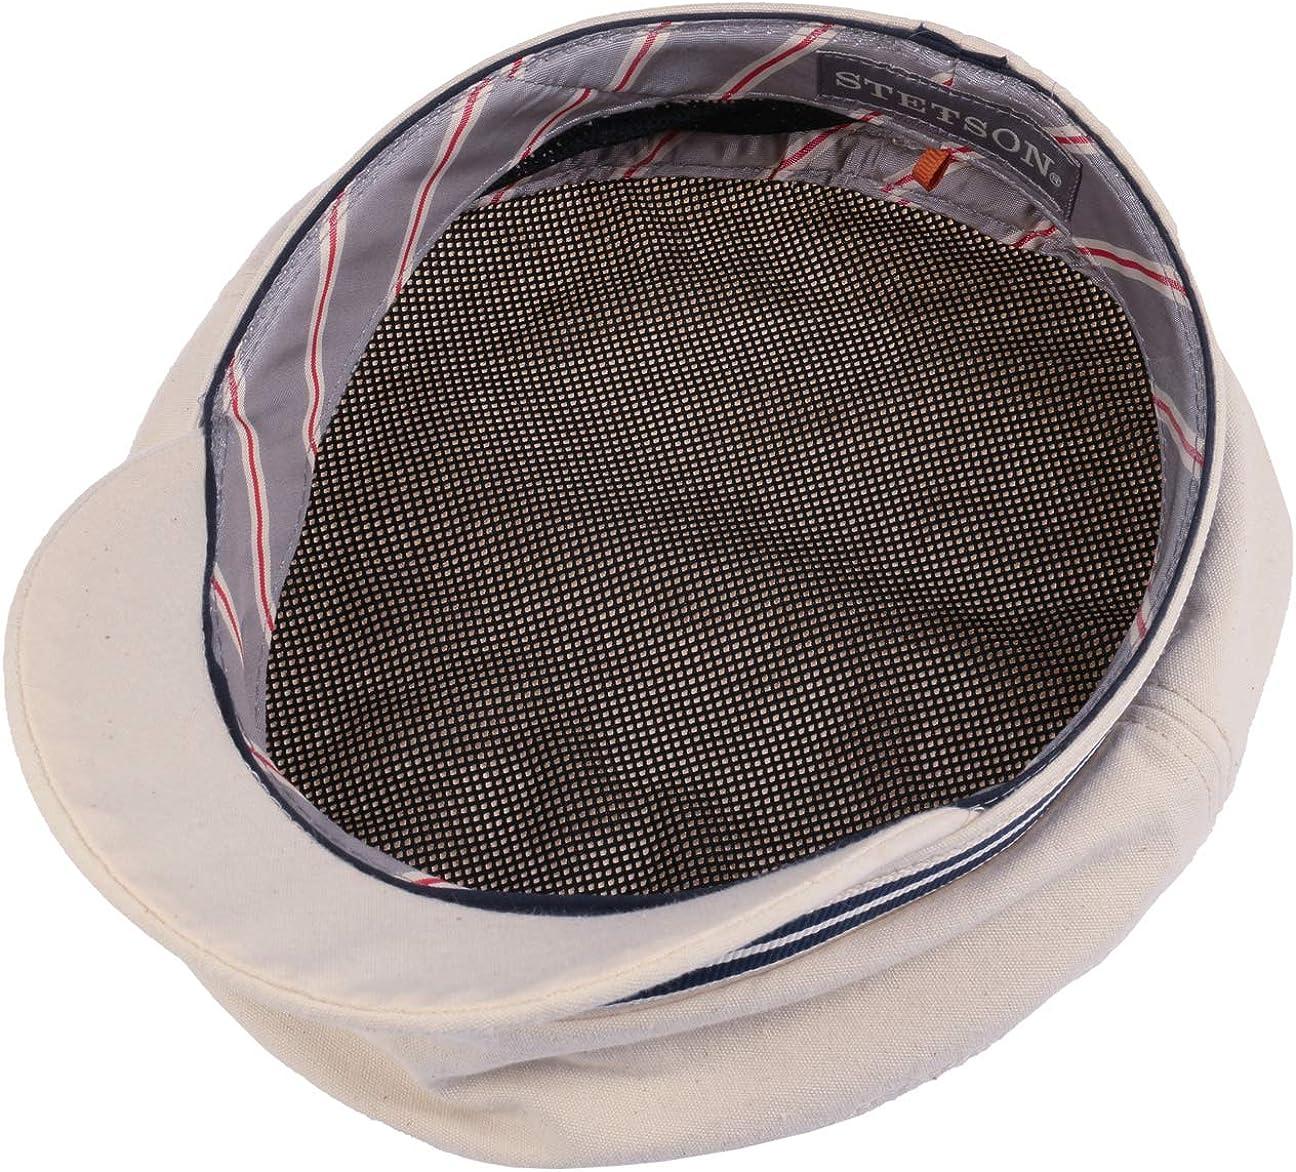 Baumwollcap mit Schirm Fr/ühling-Sommer Stetson Cotton Riders Elbsegler Elbseglerm/ütze Schifferm/ütze Baker-Boy-M/ütze Kapit/änsm/ütze Damen